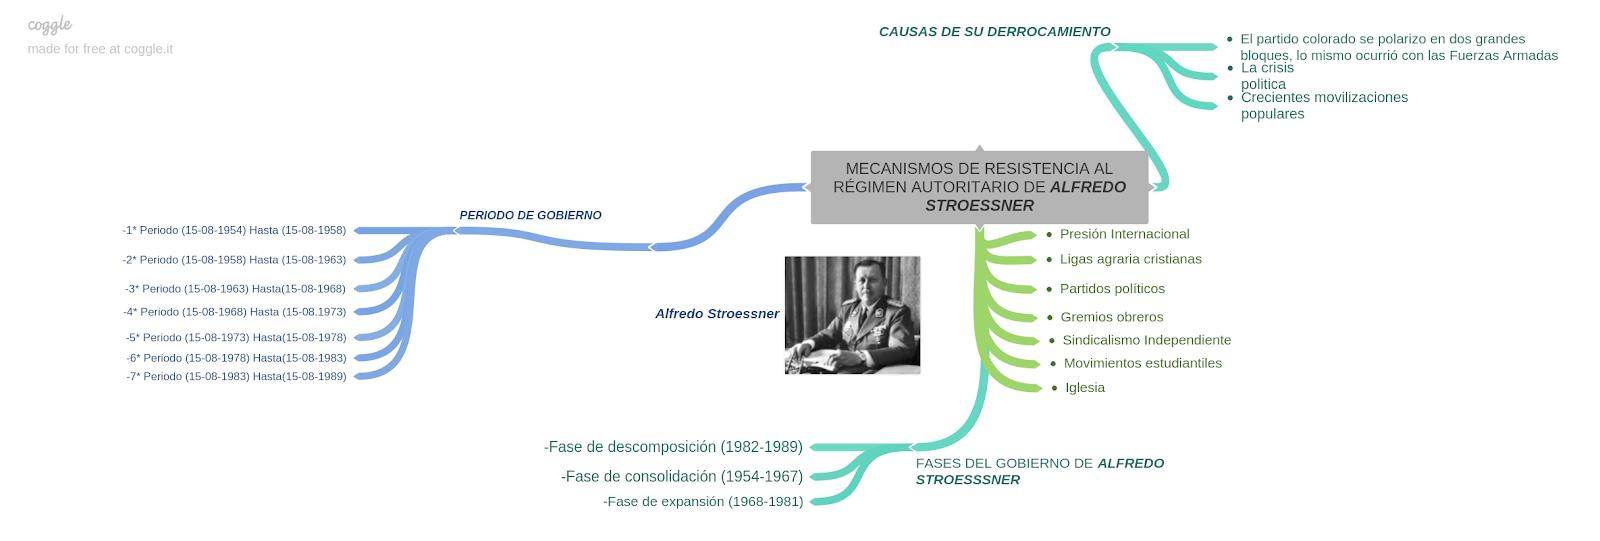 MECANISMOS DE RESISTENCIA AL RÉGIMEN